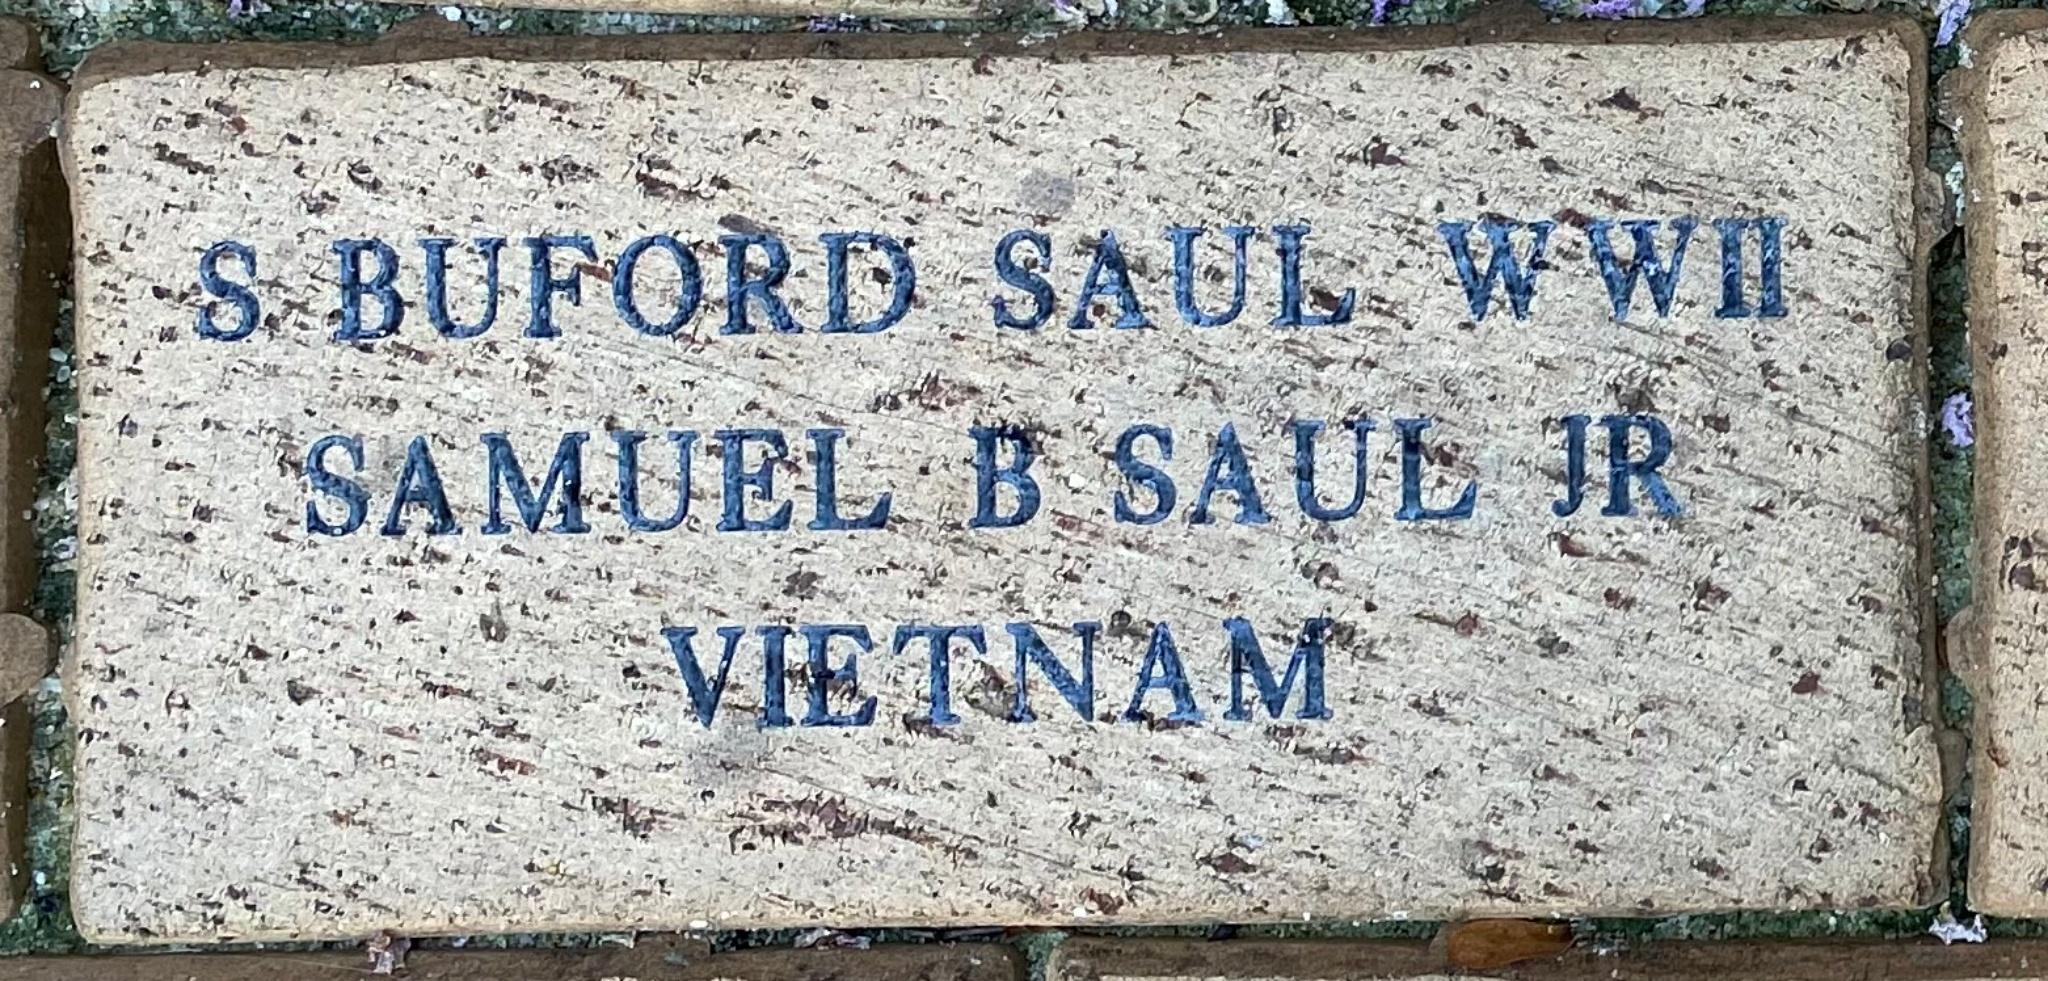 S. BUFORD SAUL WWII SAMUEL B SAUL JR VIETNAM